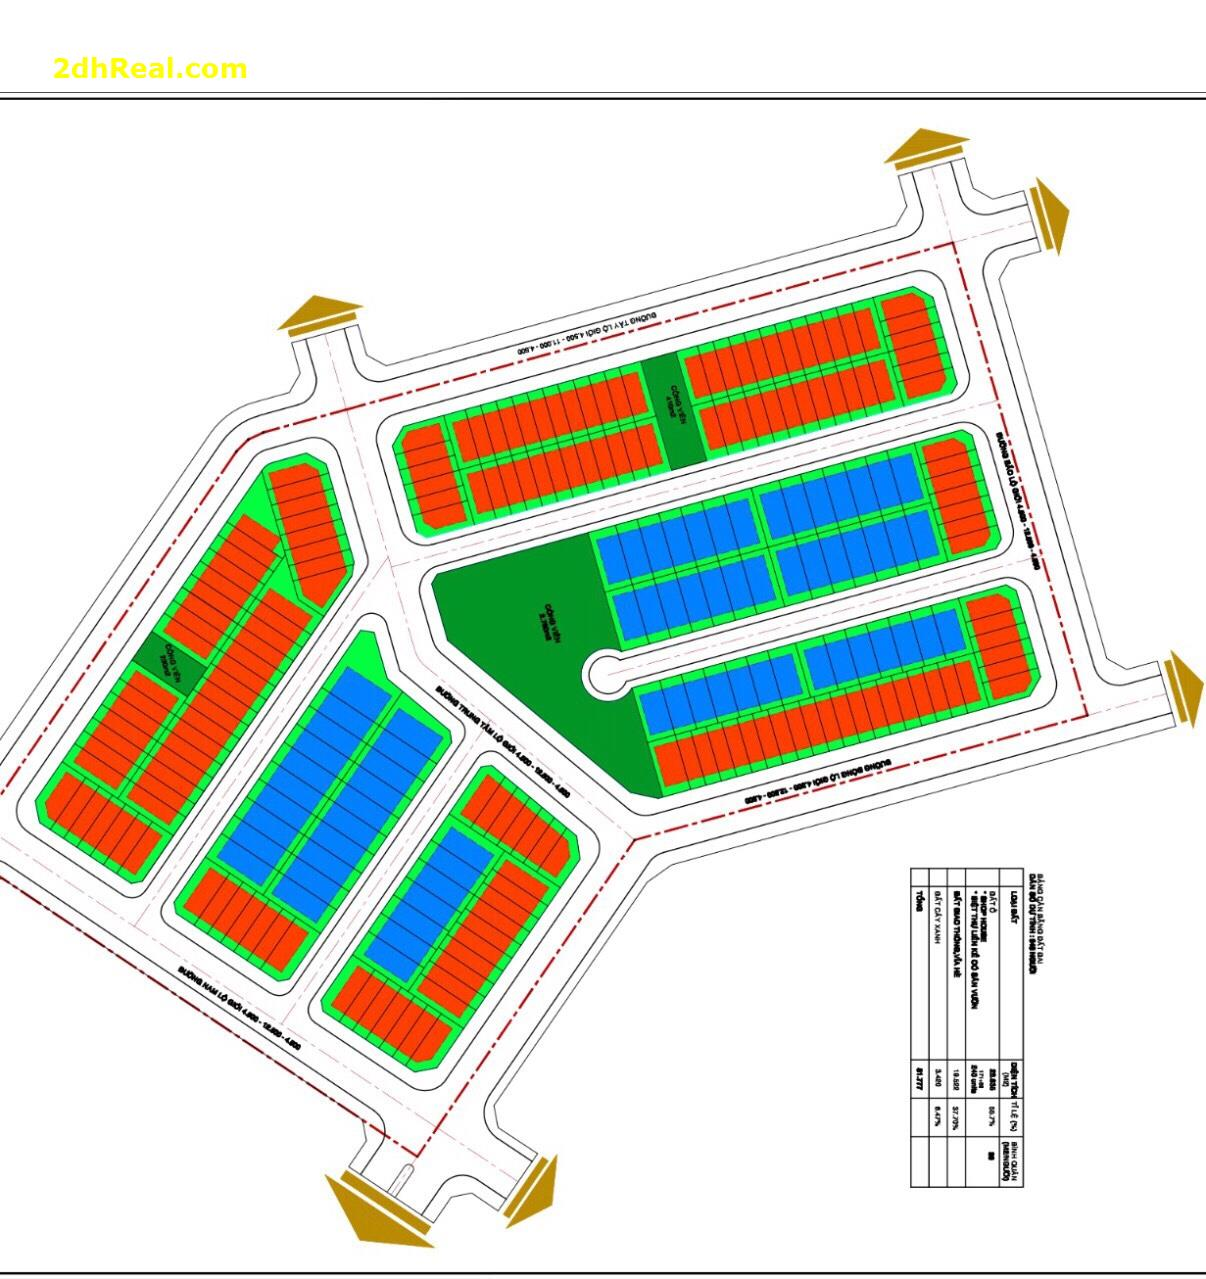 Chuyển nhượng dự án  Khu Biệt Thự - Shop House, tại Bình Chánh (5,348 ha)